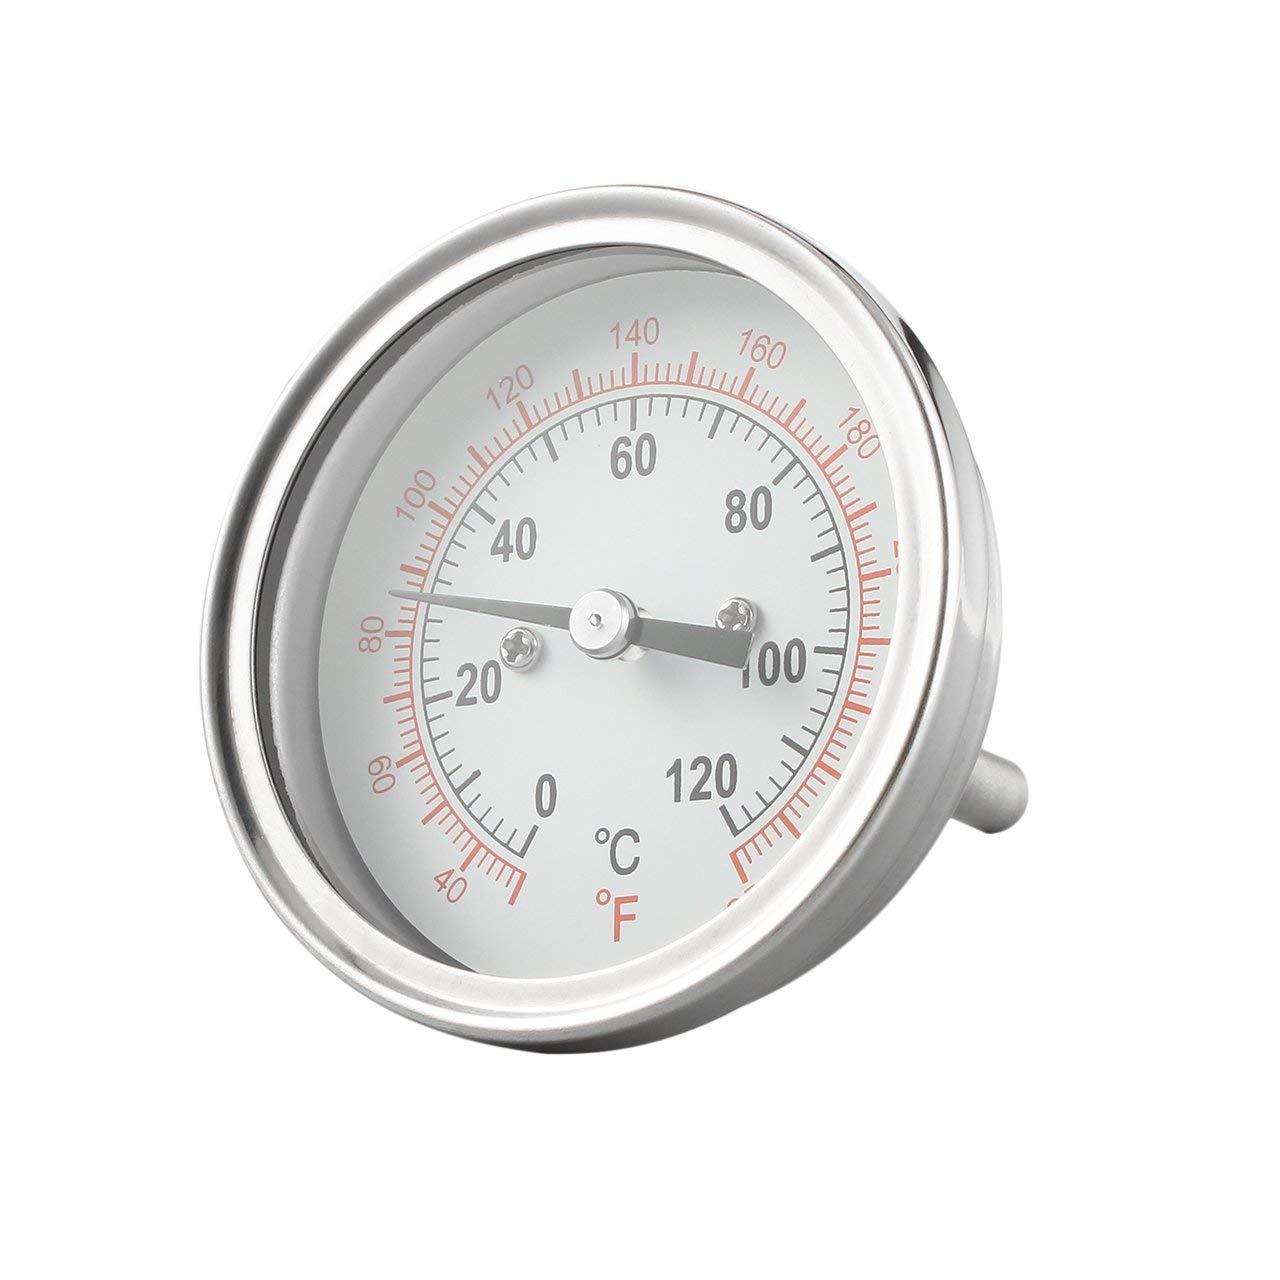 fITtprintse Termometro per Barbecue Termometro Industriale per Un condensatore alambicco Still Condenser Brew Pot Strumenti per la Temperatura Acciaio Inossidabile Caldo